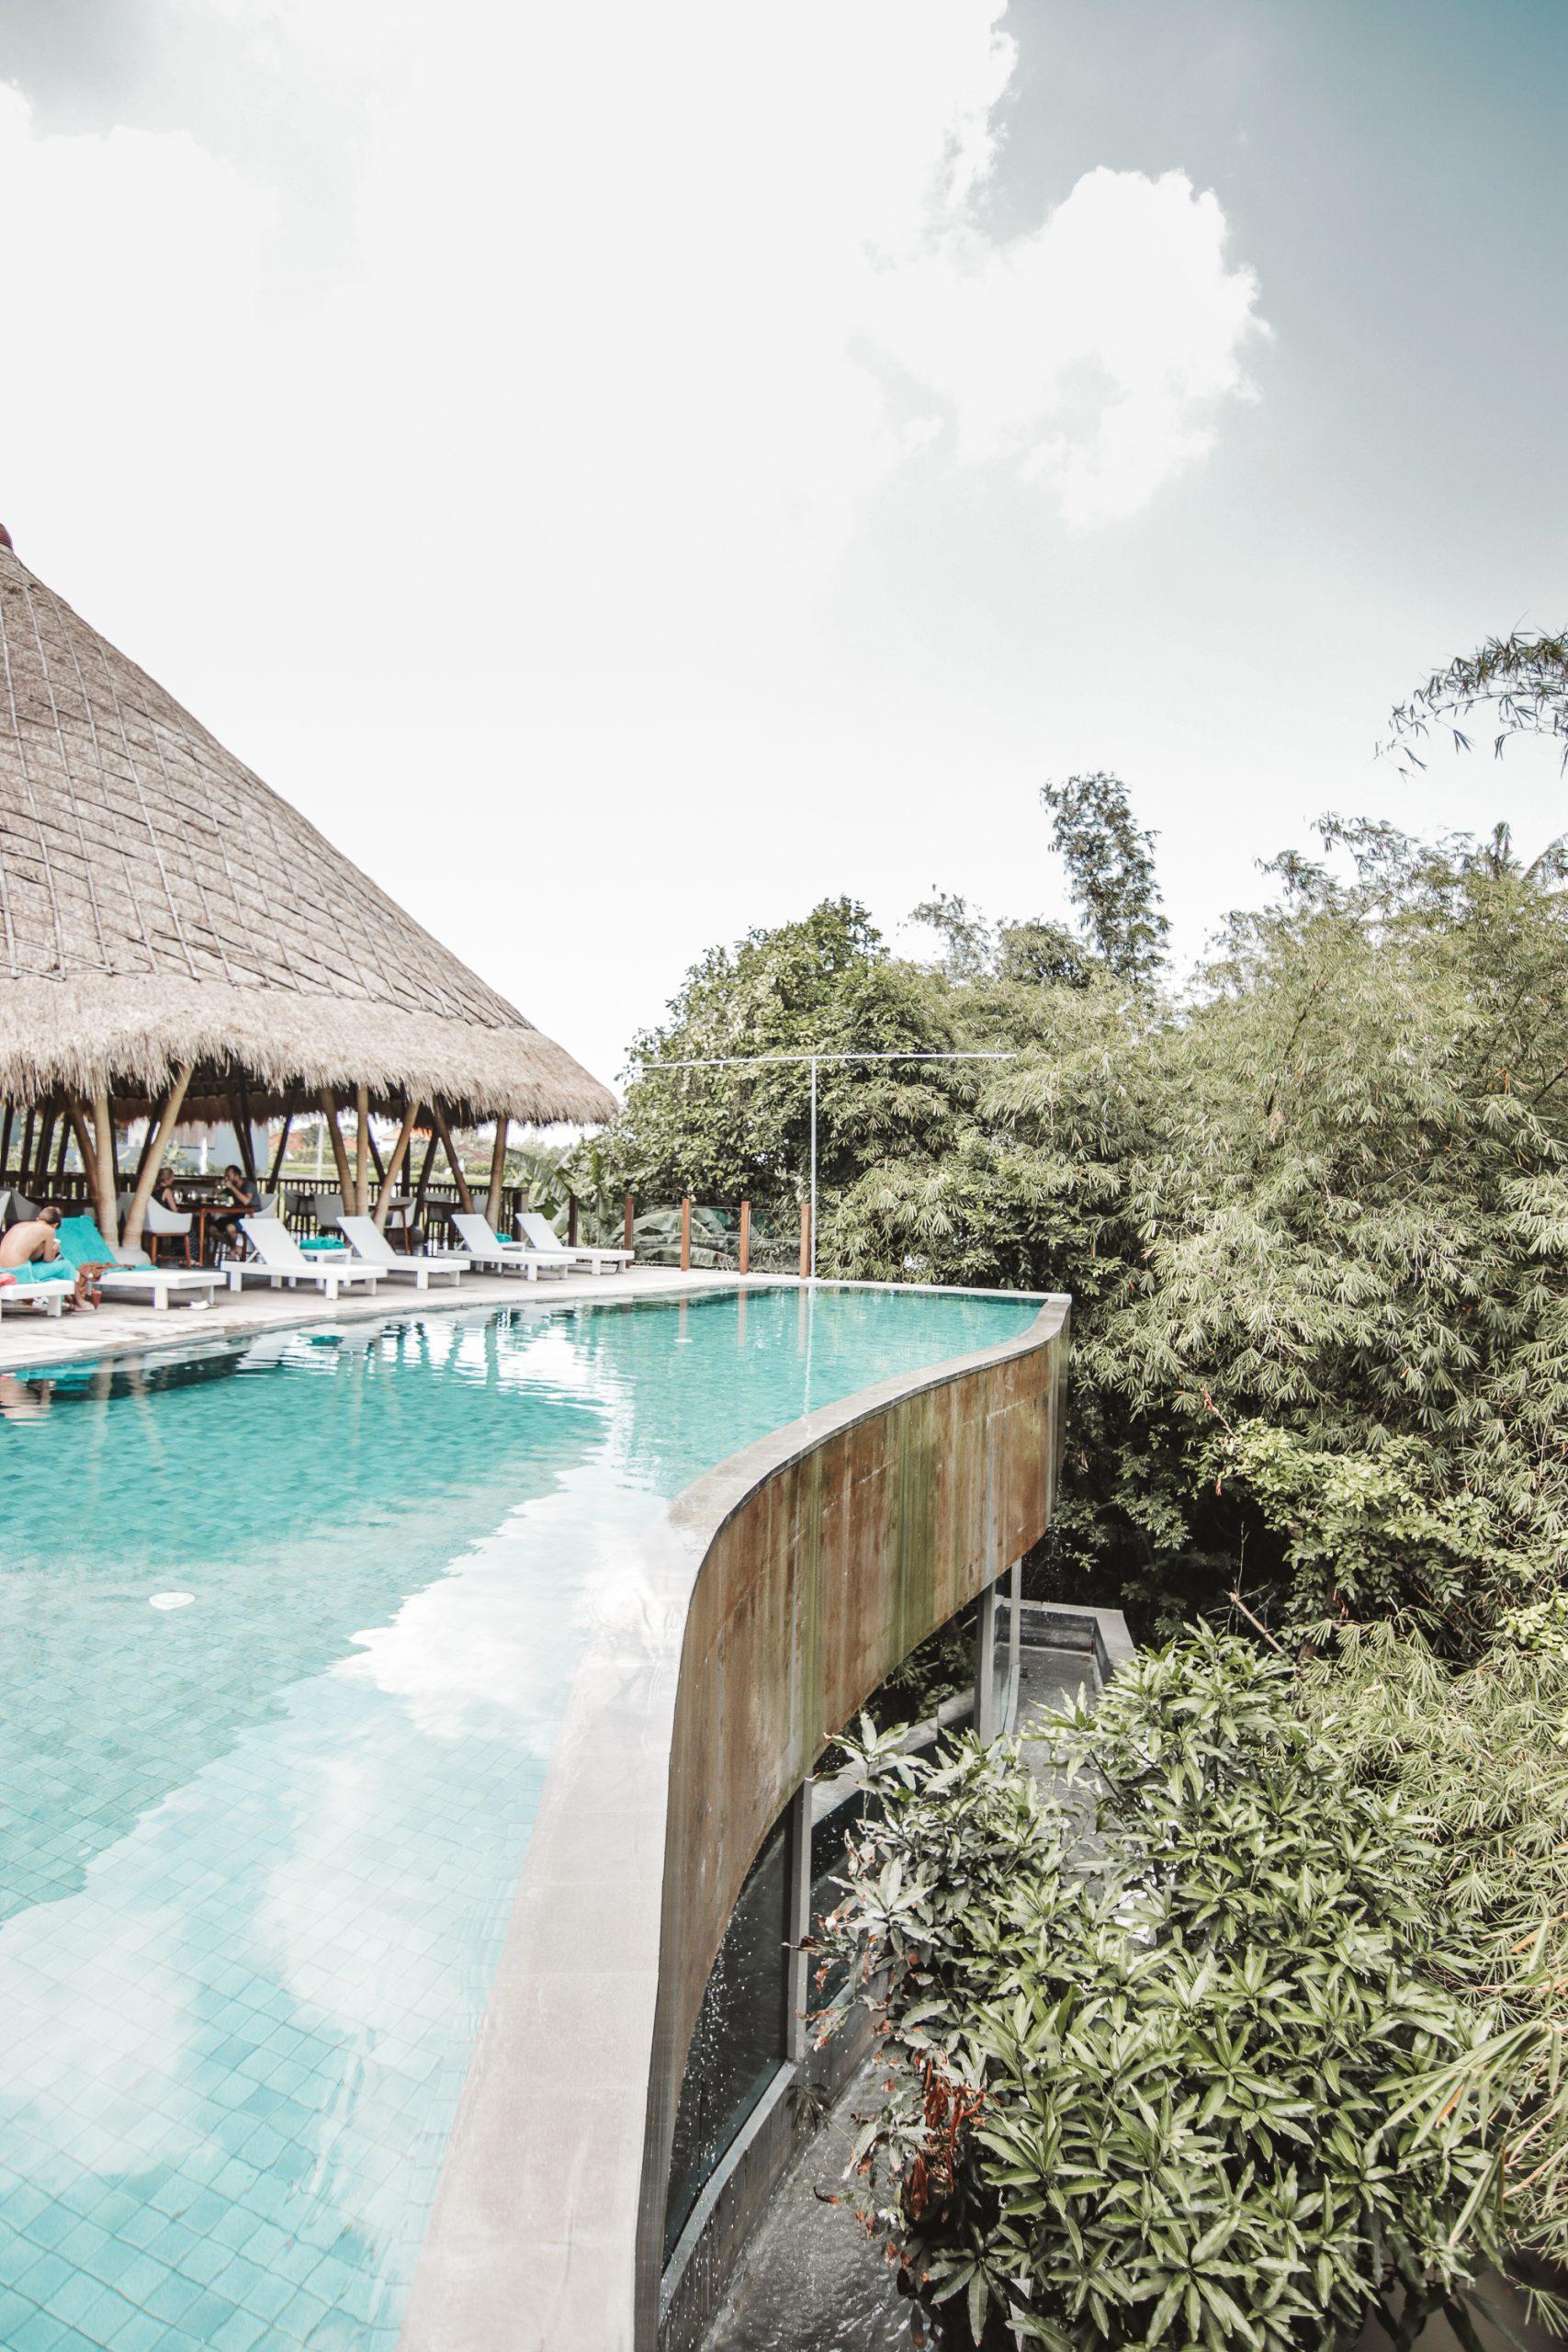 Theanna Eco Villas Hotel in Bali